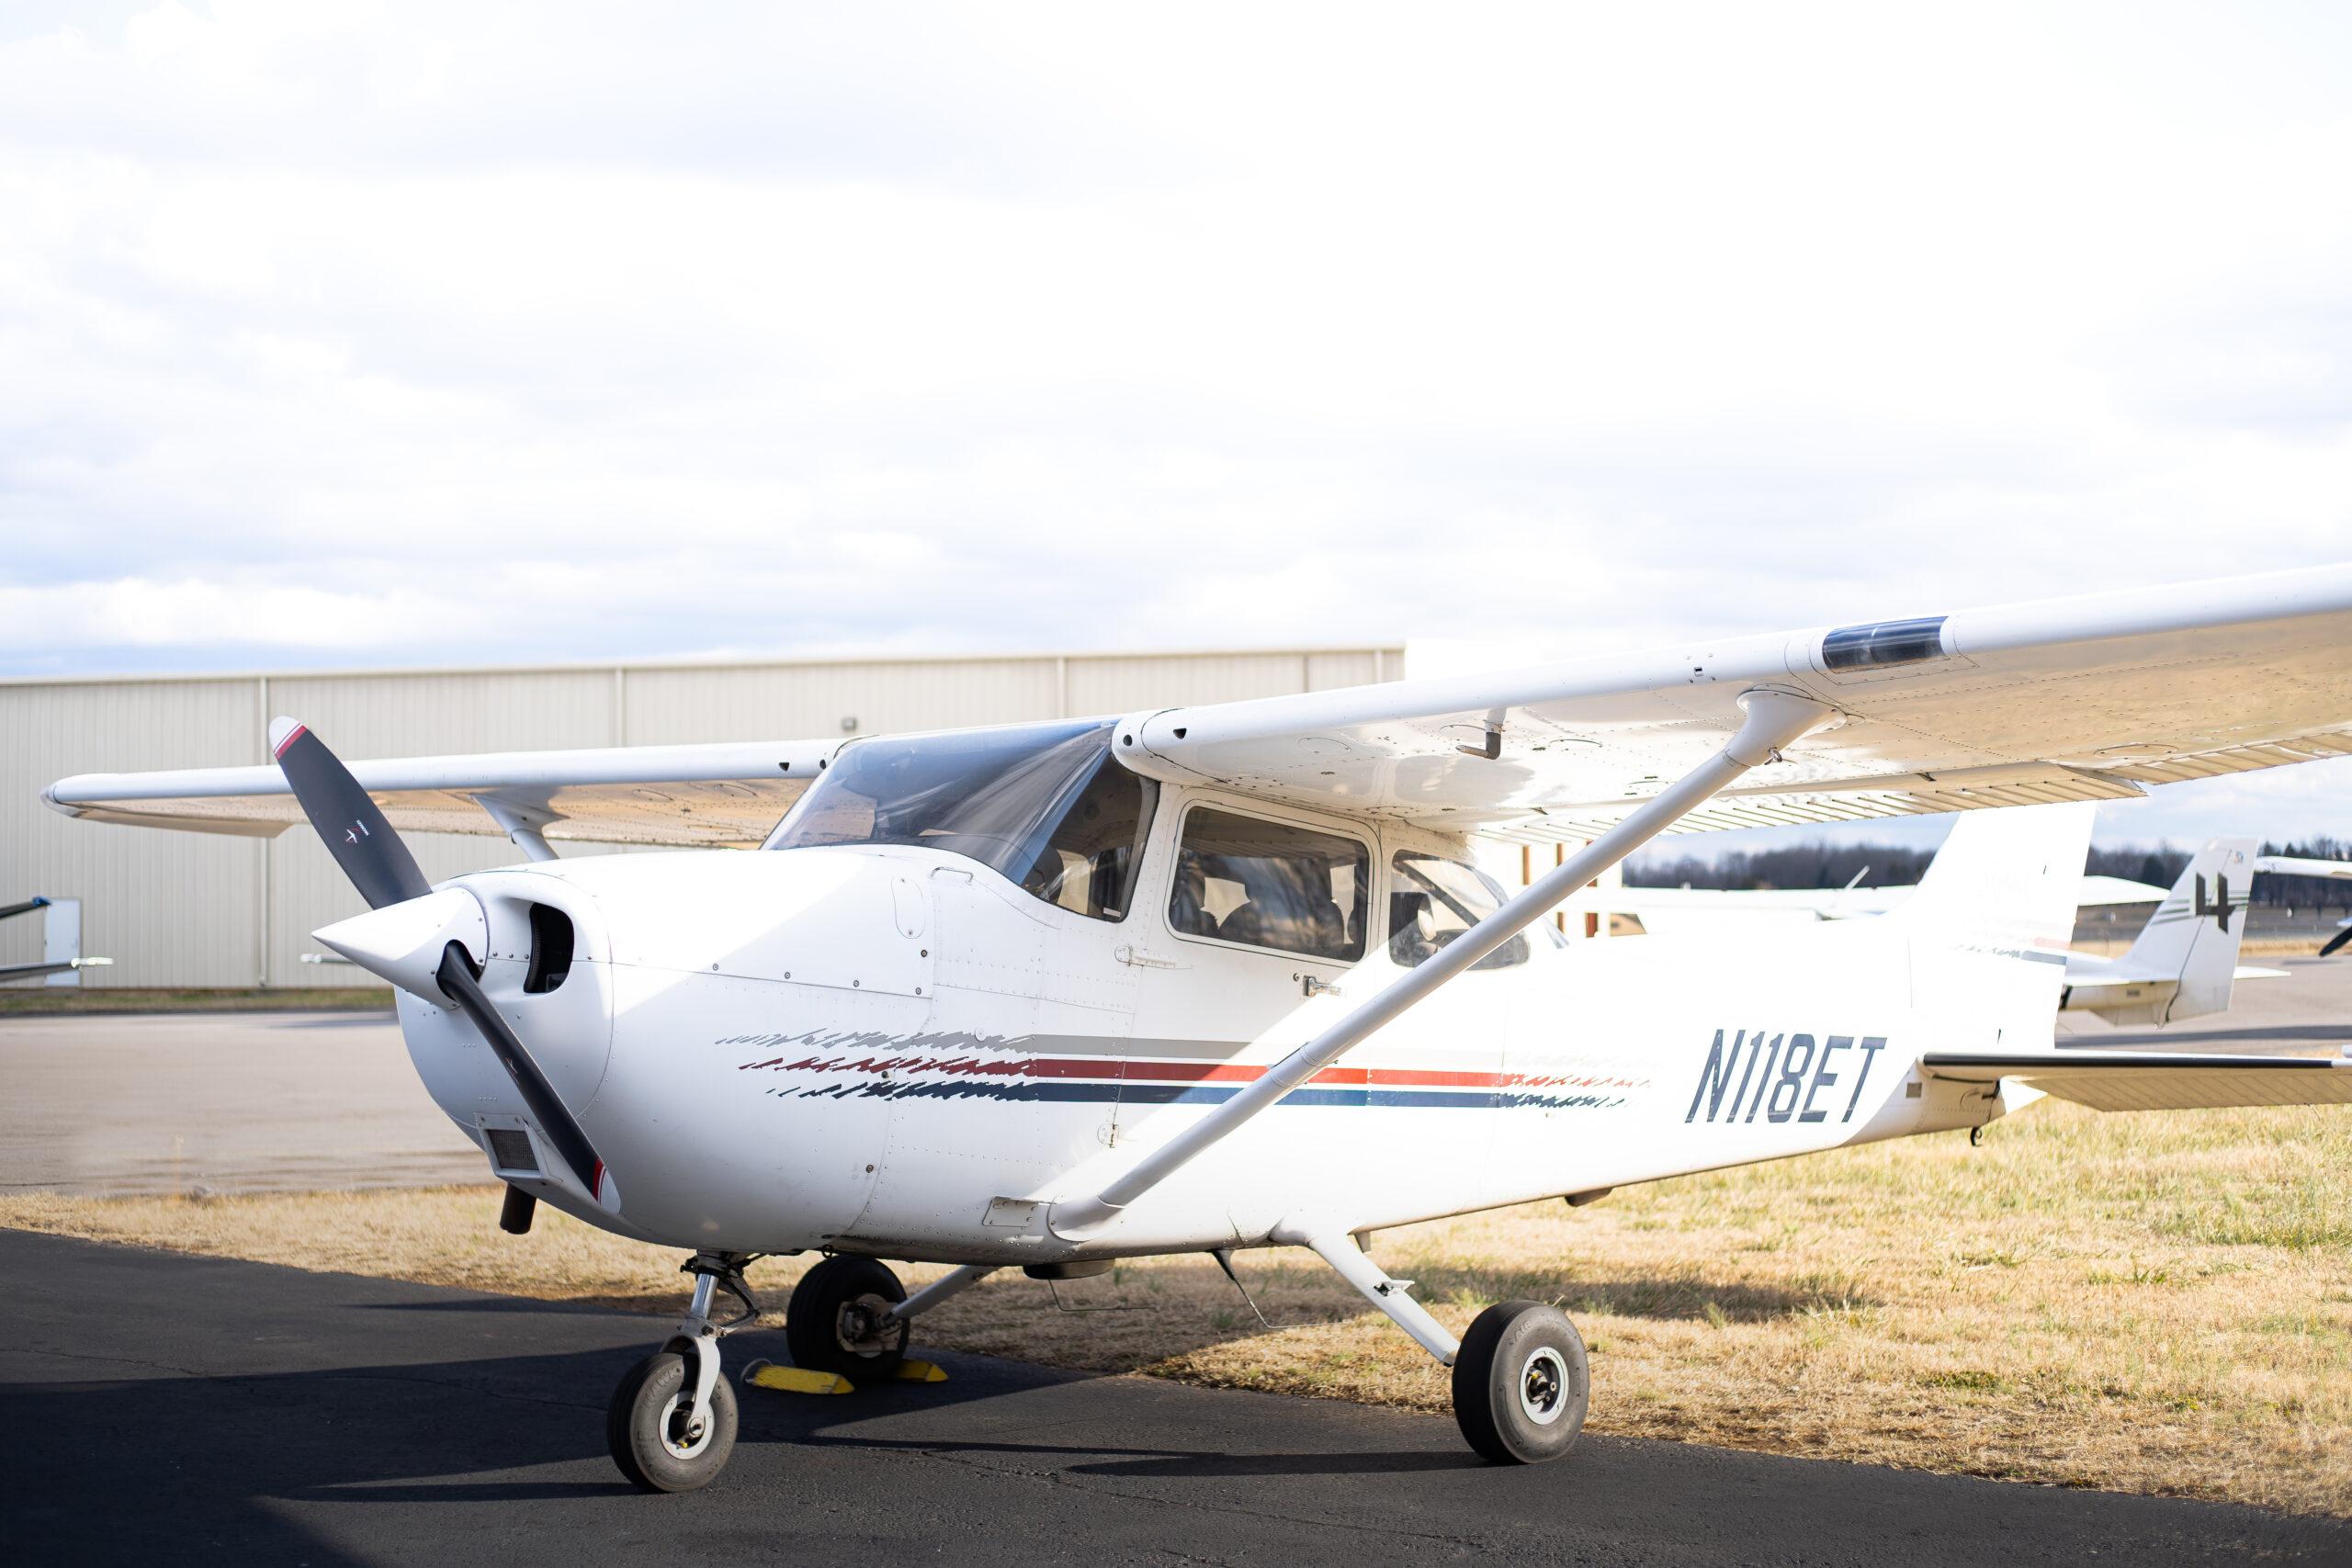 N118ET – 1997 Cessna 172R